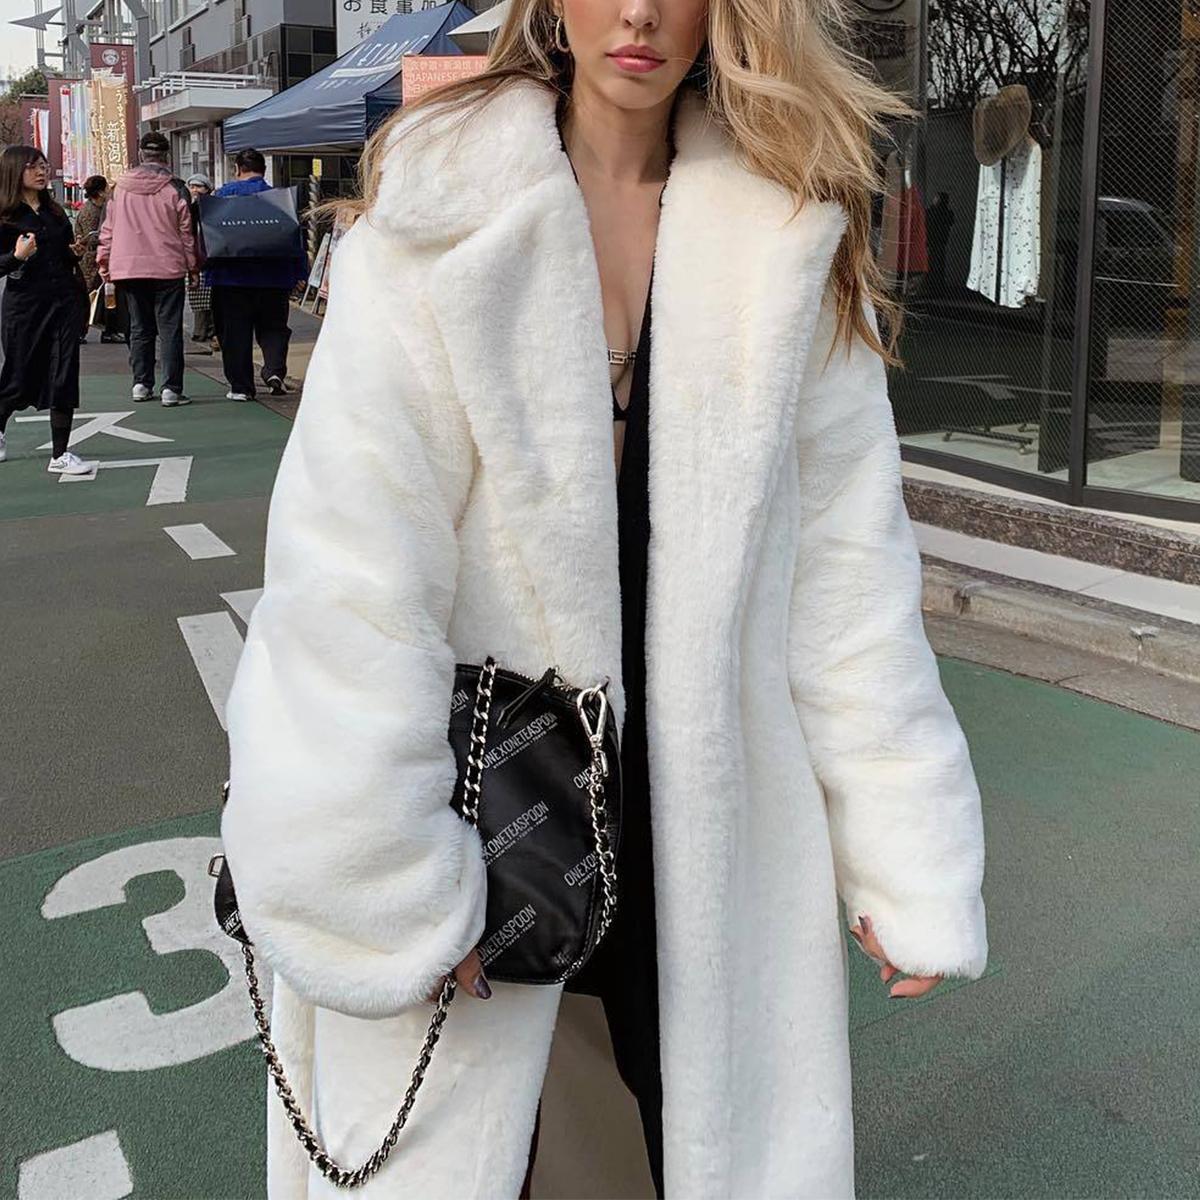 Women-Winter-Warm-Teddy-Bear-Fleece-Coat-Fluffy-Jacket-Cardigan-Overcoat-Outwear miniatura 15